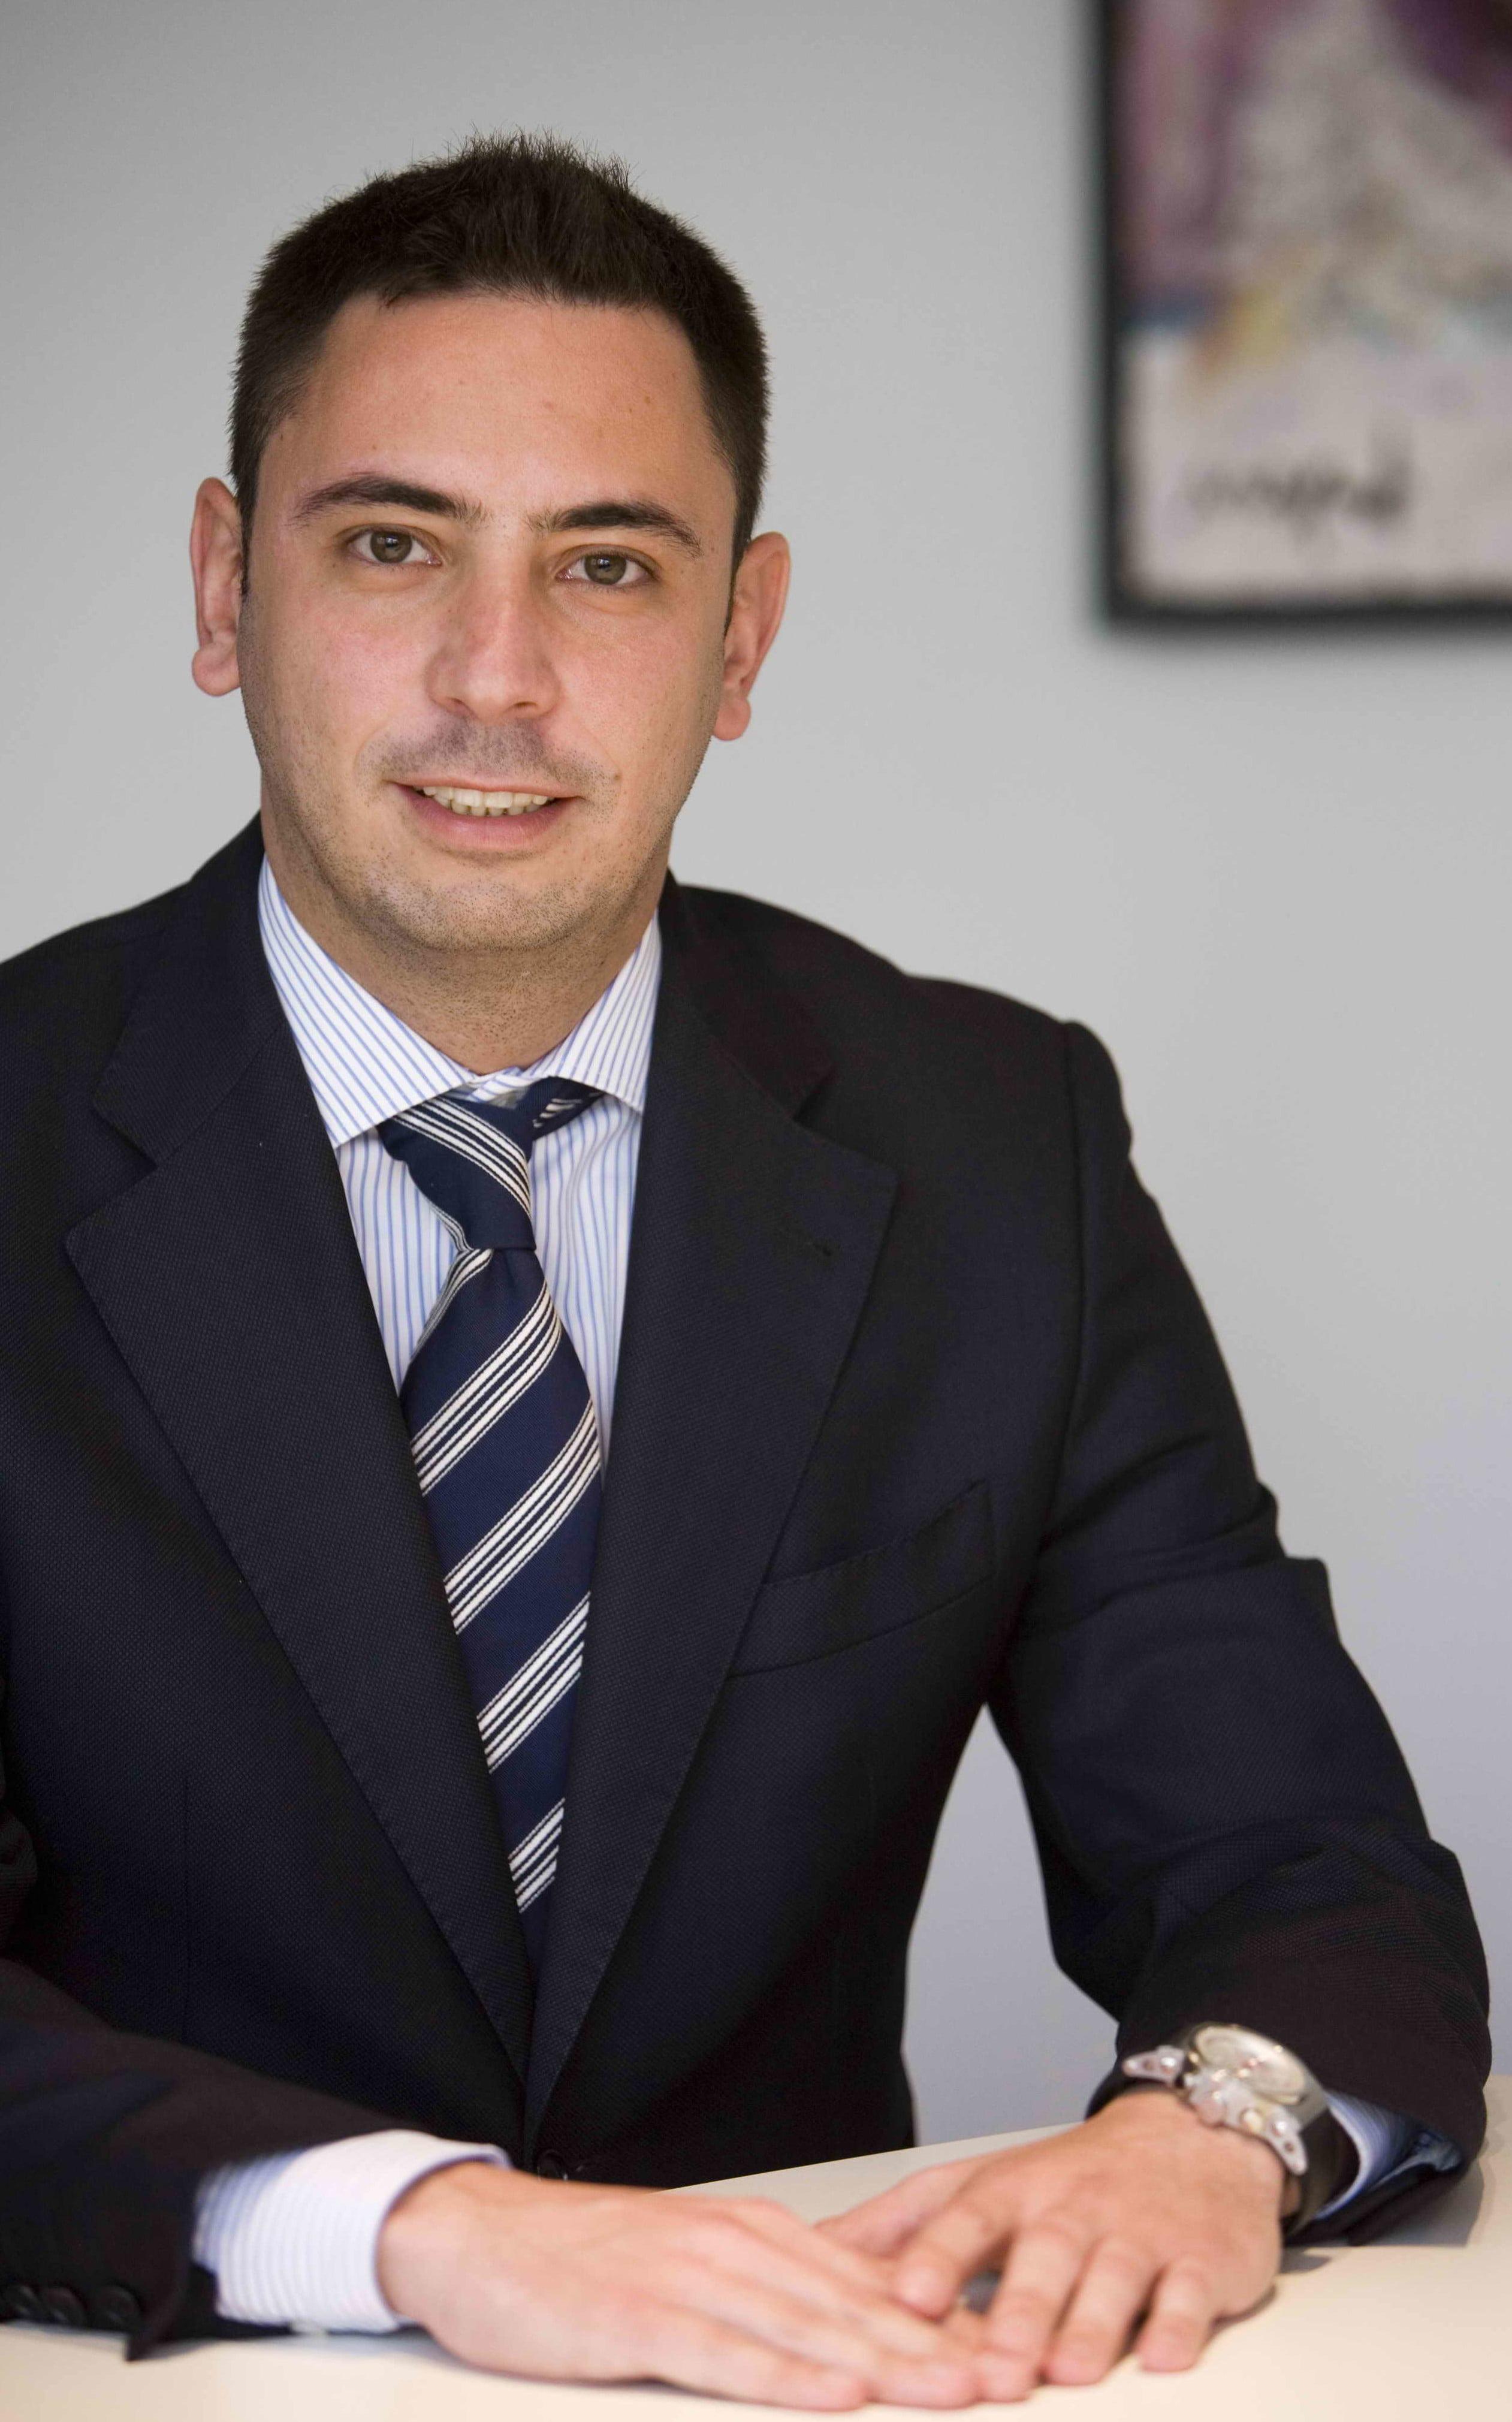 Sr. Enric Sanahuja i Amat